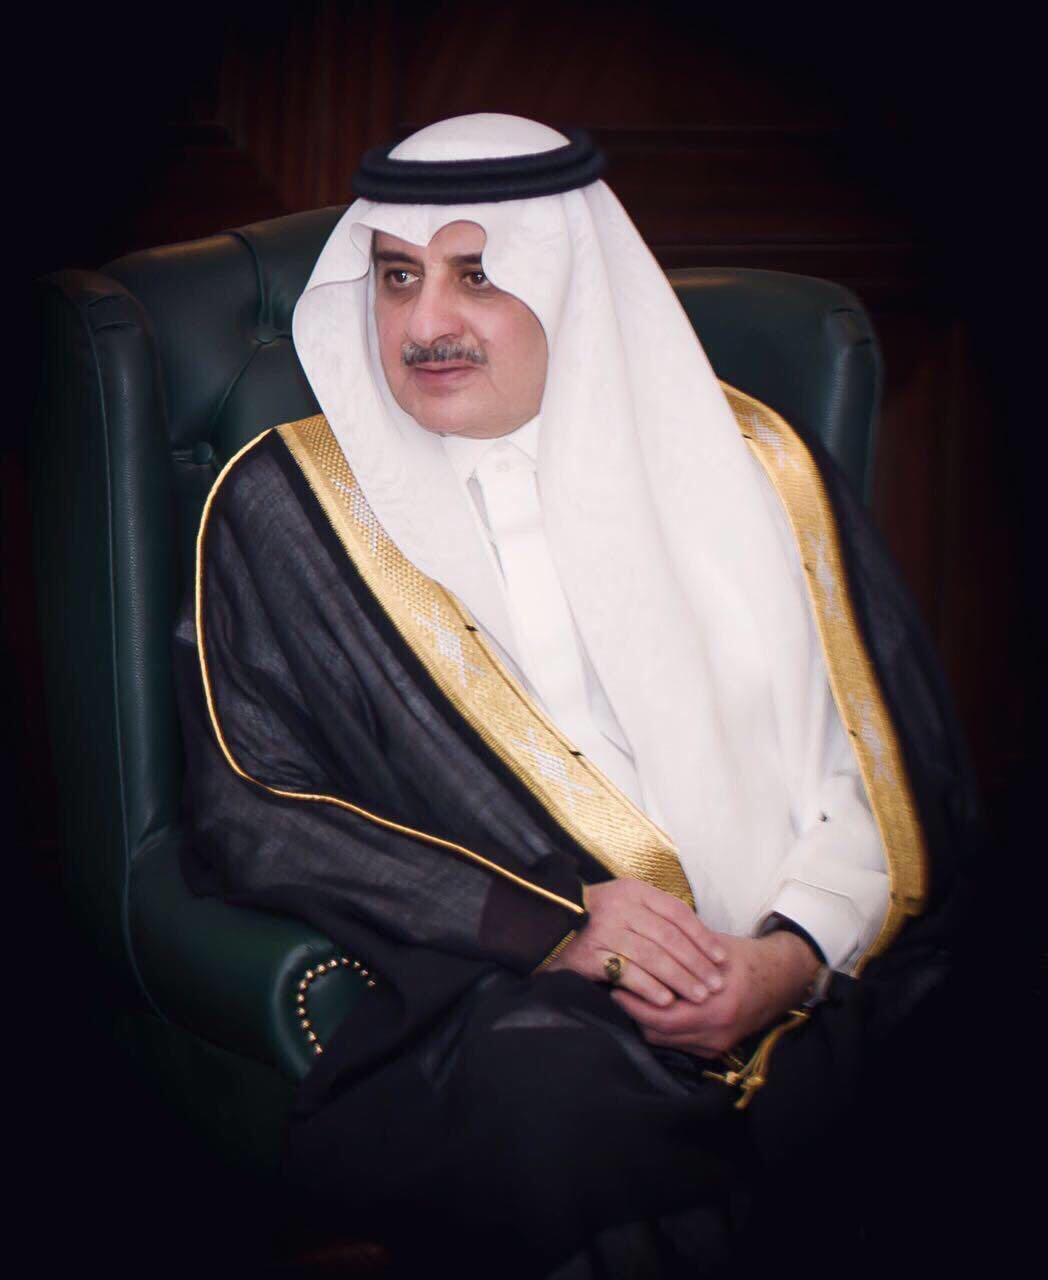 أمير تبوك عن تصريح المصدر المسؤول: يتماشى مع مواقف المملكة منذ توحيدها